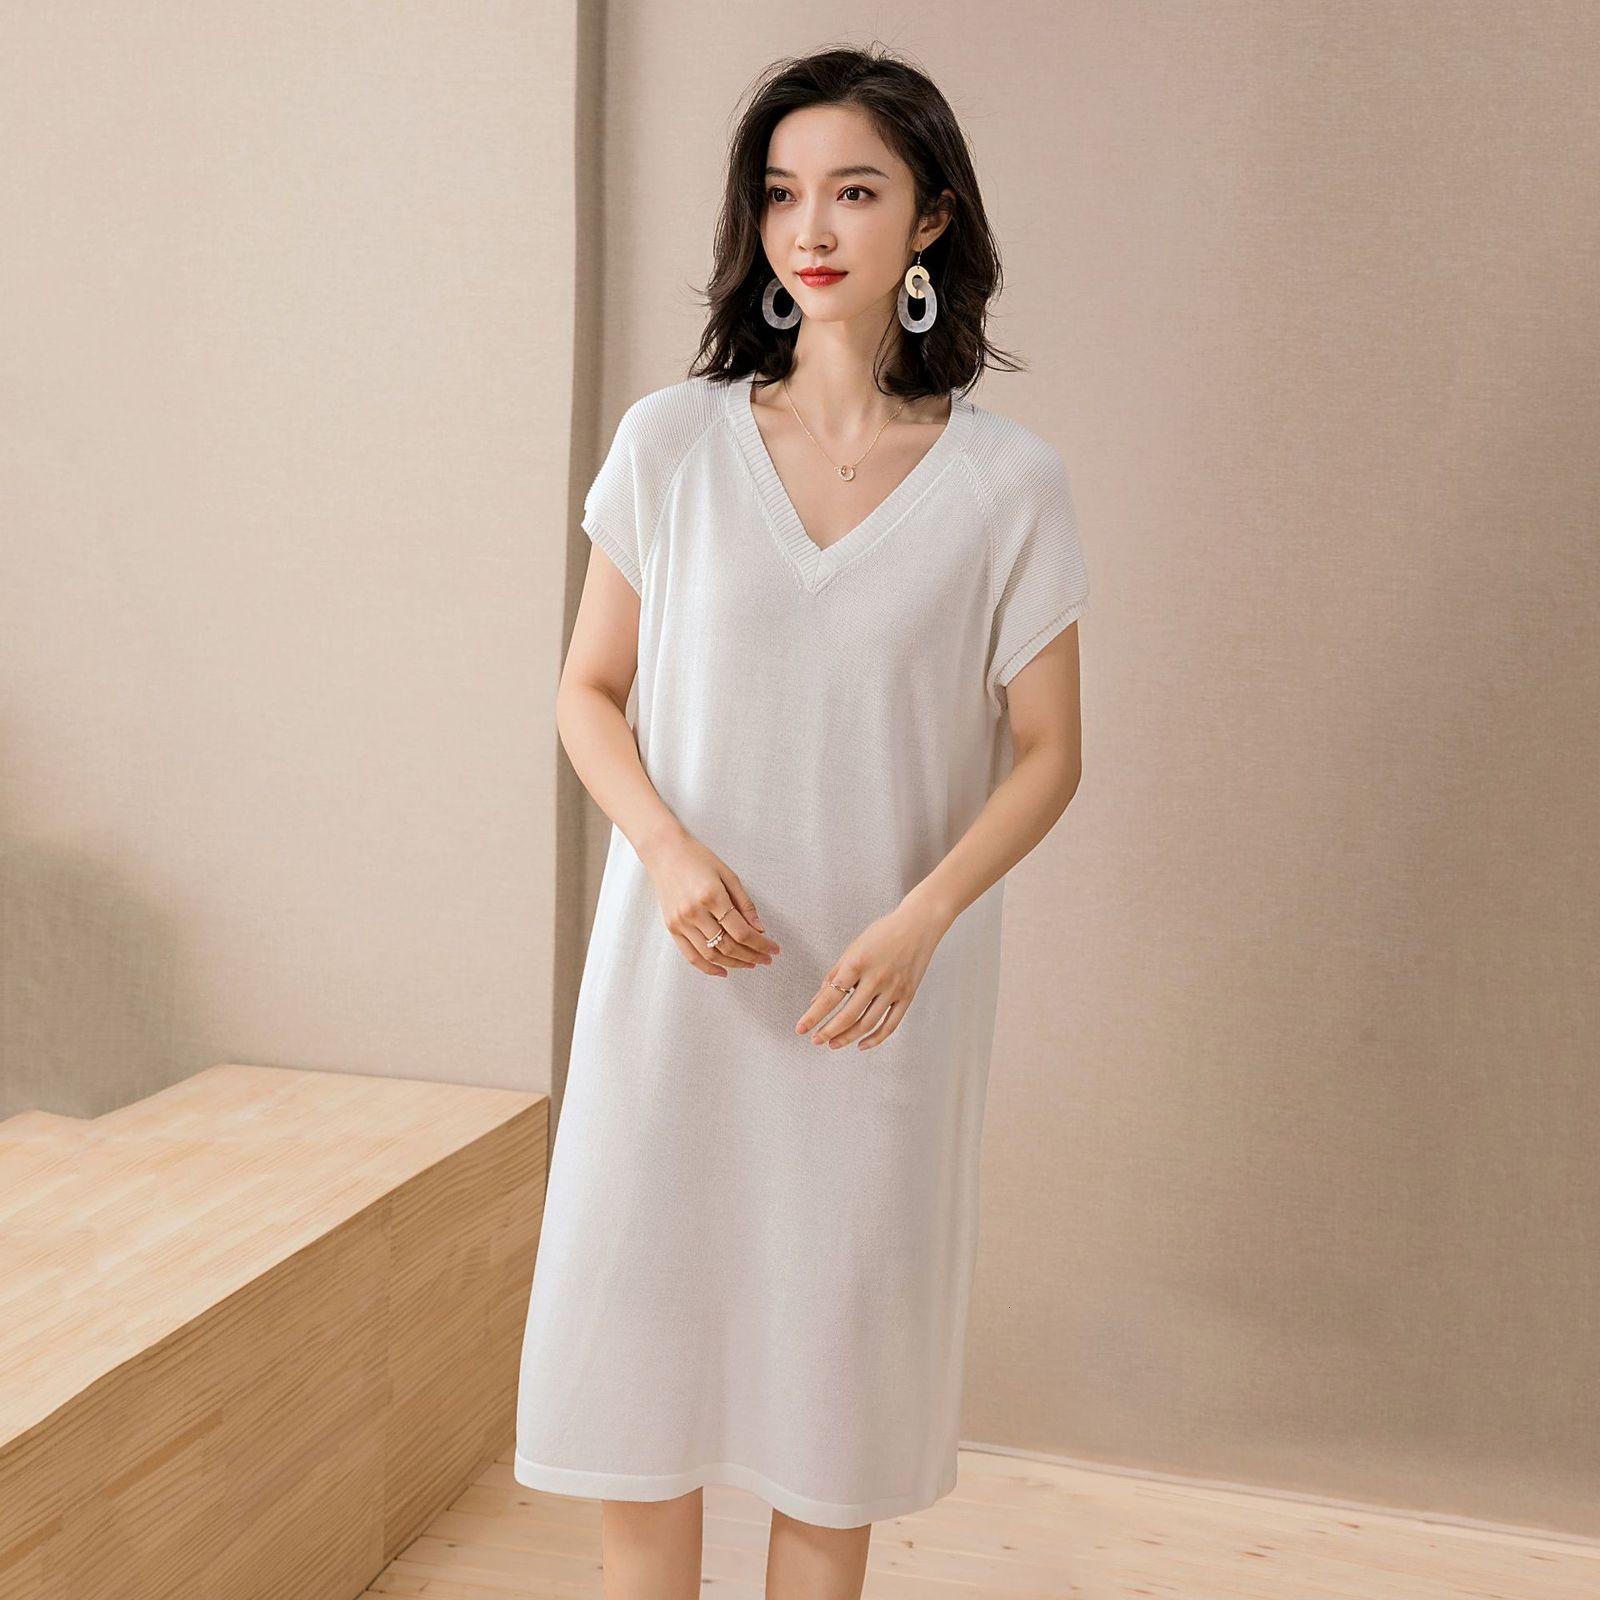 2021 Primavera y verano vestidos coreanos de ocio manga corta de algodón cáñamo de algodón perezoso de color contraste de color de viento de longitud de longitud de punto